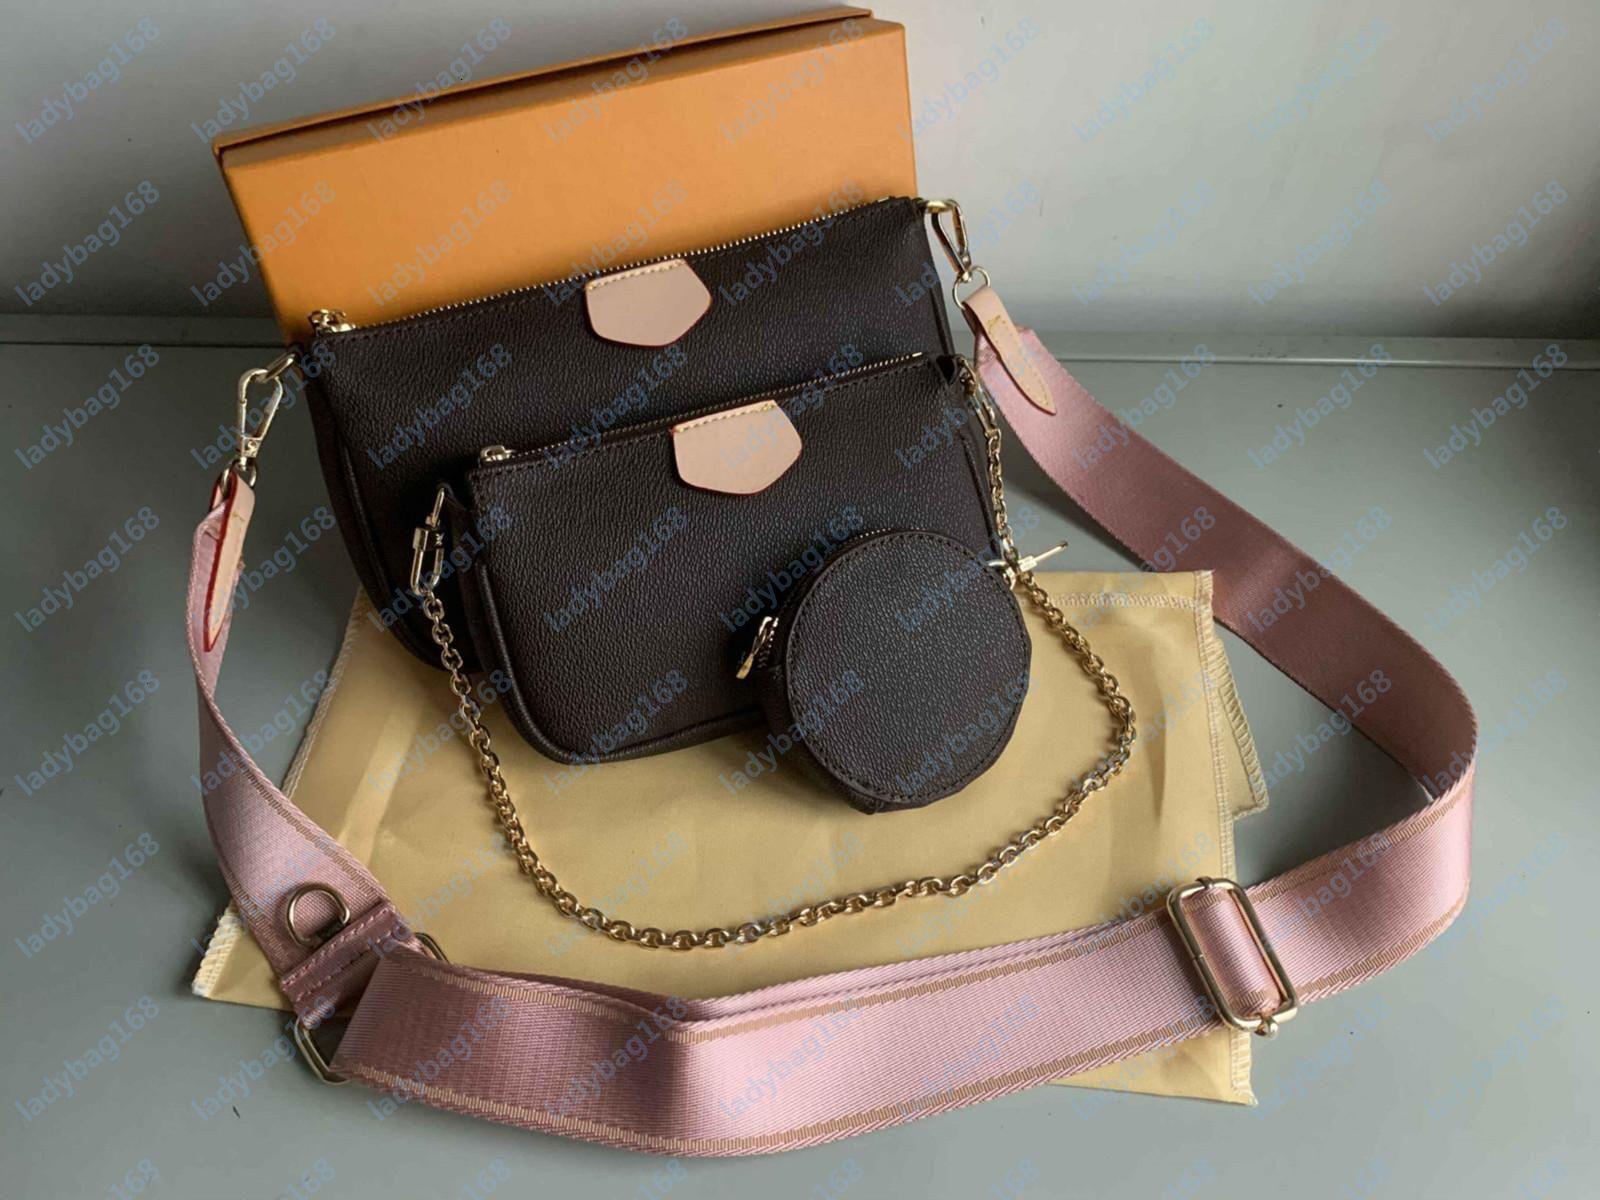 Мода роскошный дизайнер классические женские сумки печать буква цепь сумка подлинное высокое качество кожаный карт кошелек скрещивание кошелька плечевой мессенджера